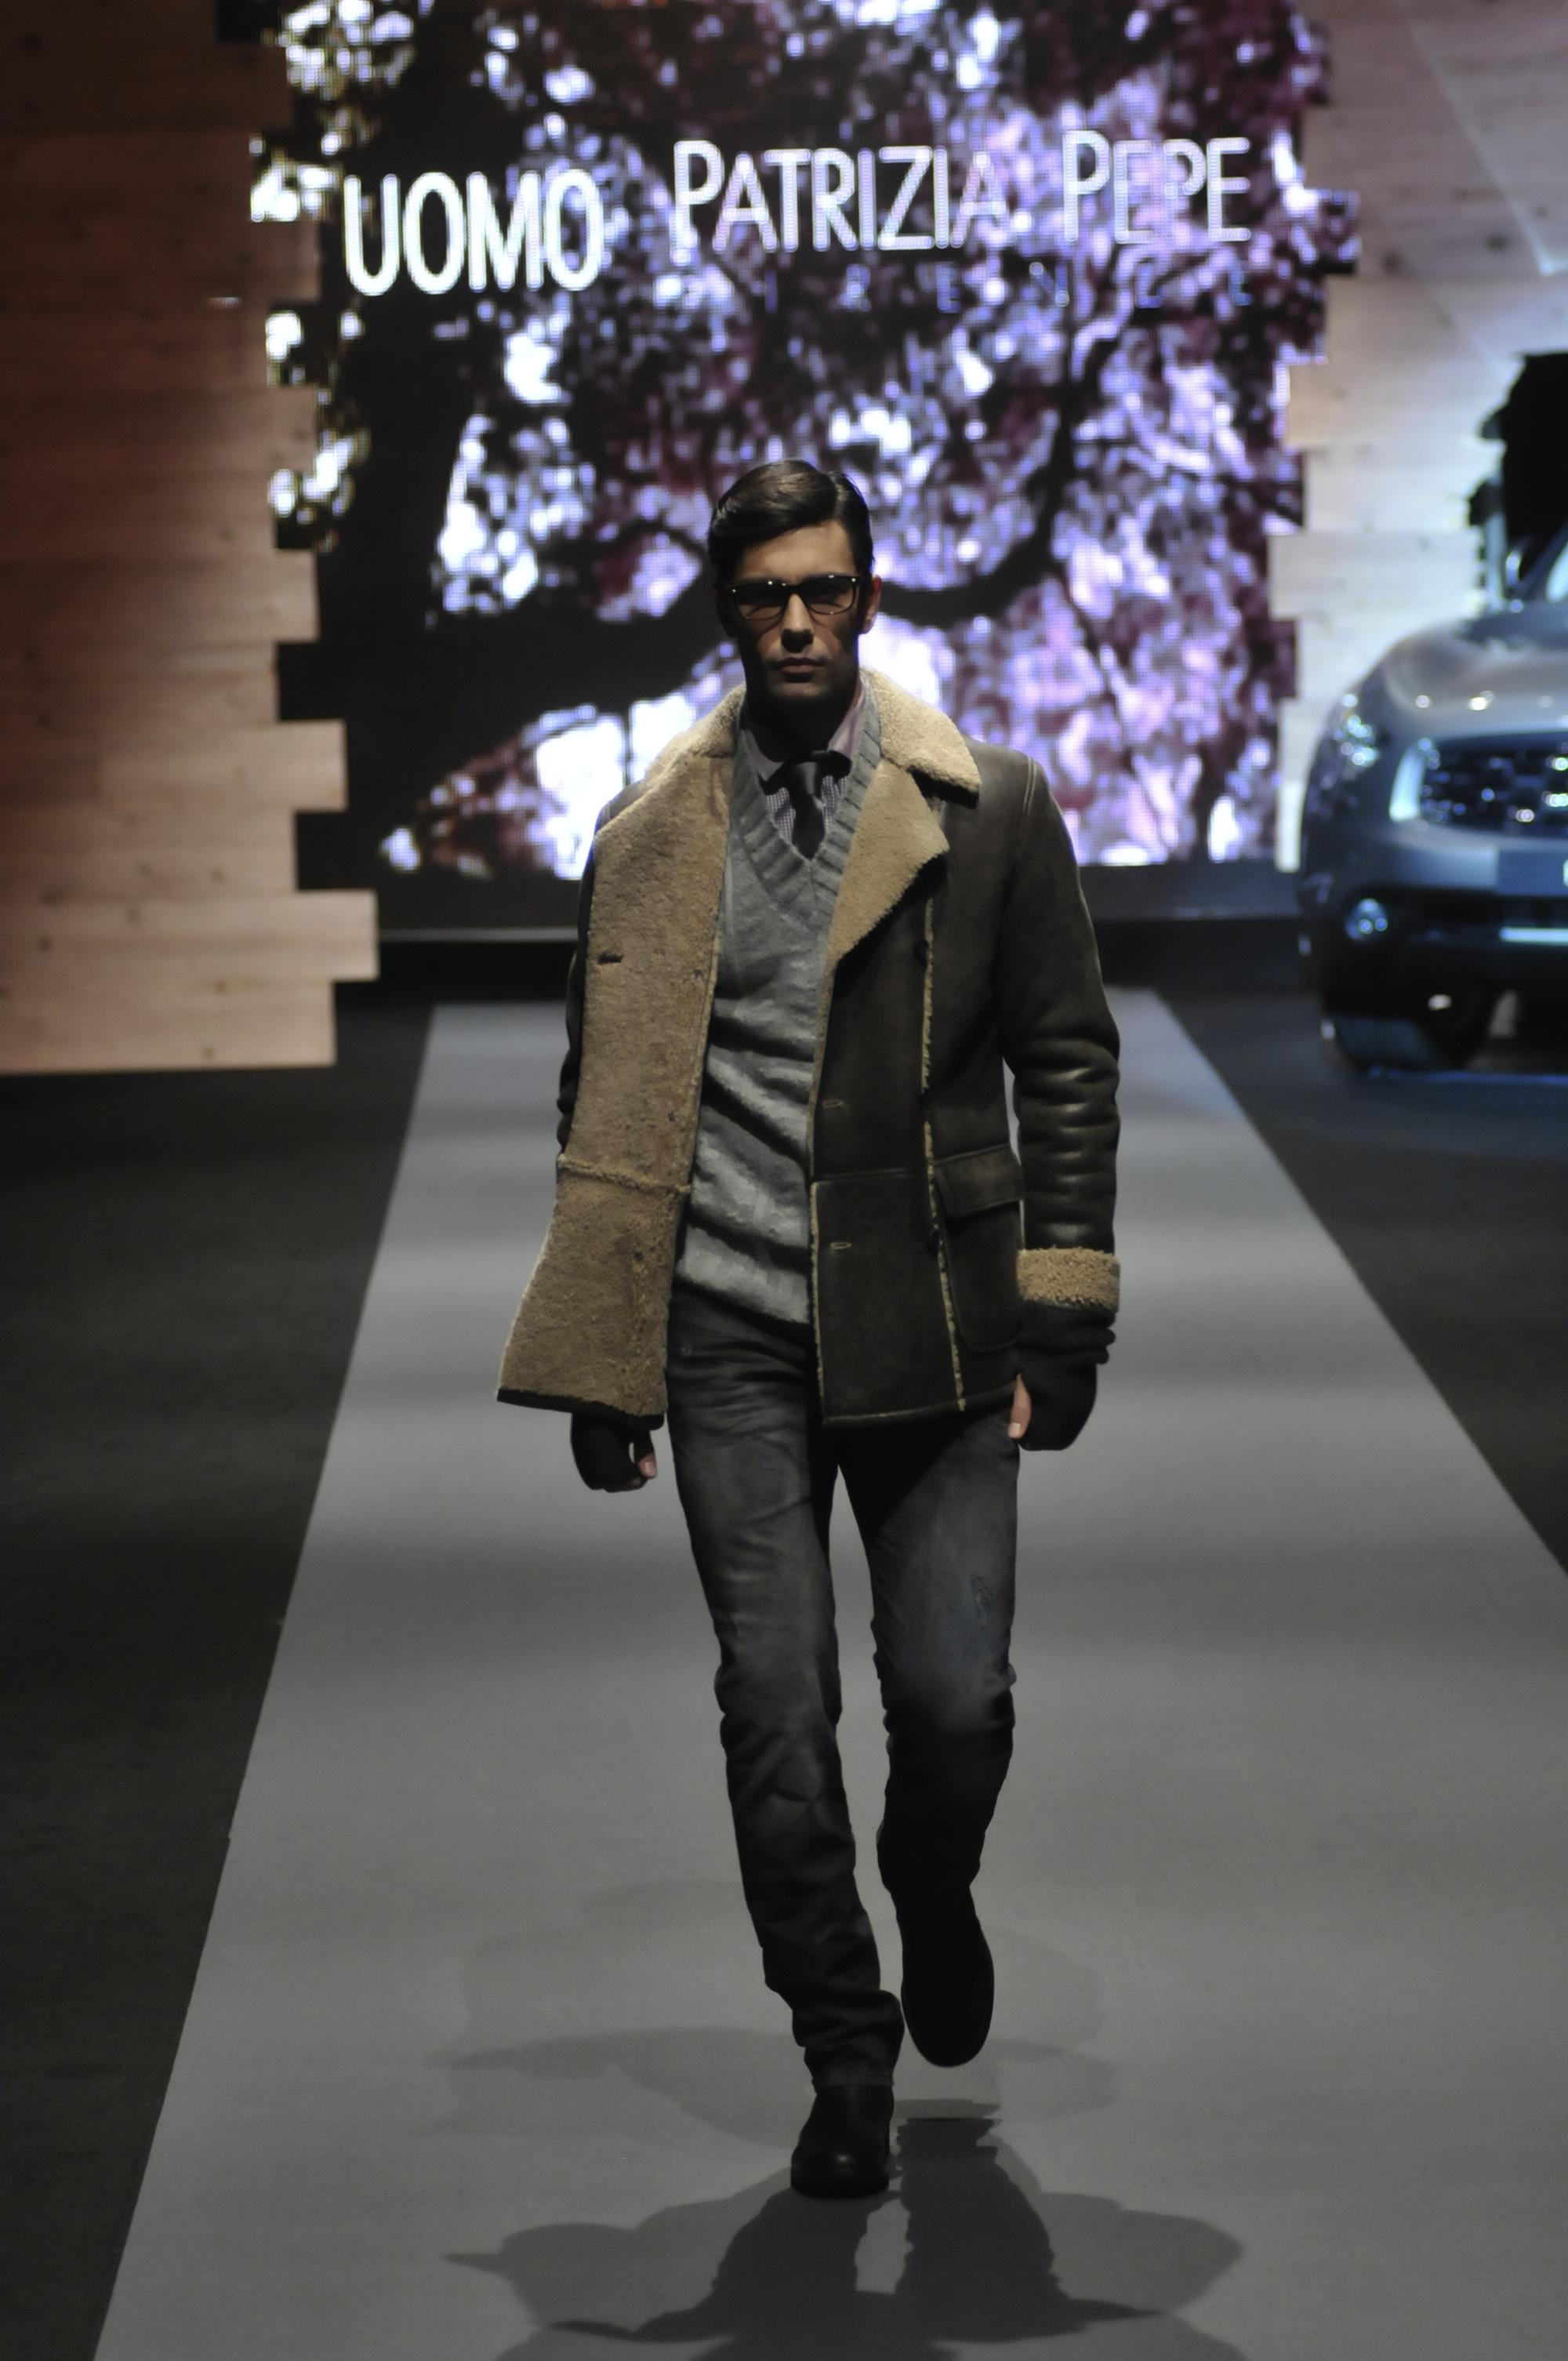 patriziapepe Peto veče 30.Amstel Fashion Week a